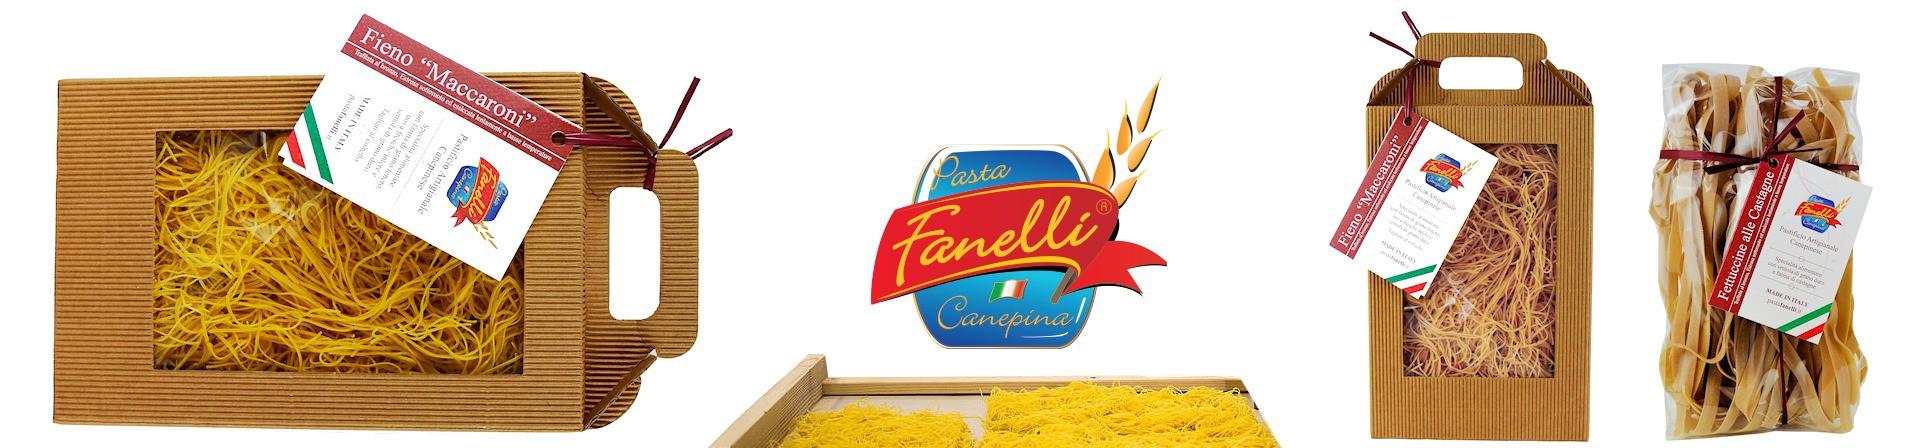 B2B GUSTOX - il Marketplace all'ingrosso delle eccellenze agroalimetari italiane - Fieno di Canepina pasta all'uovo- PASTA FANELLI